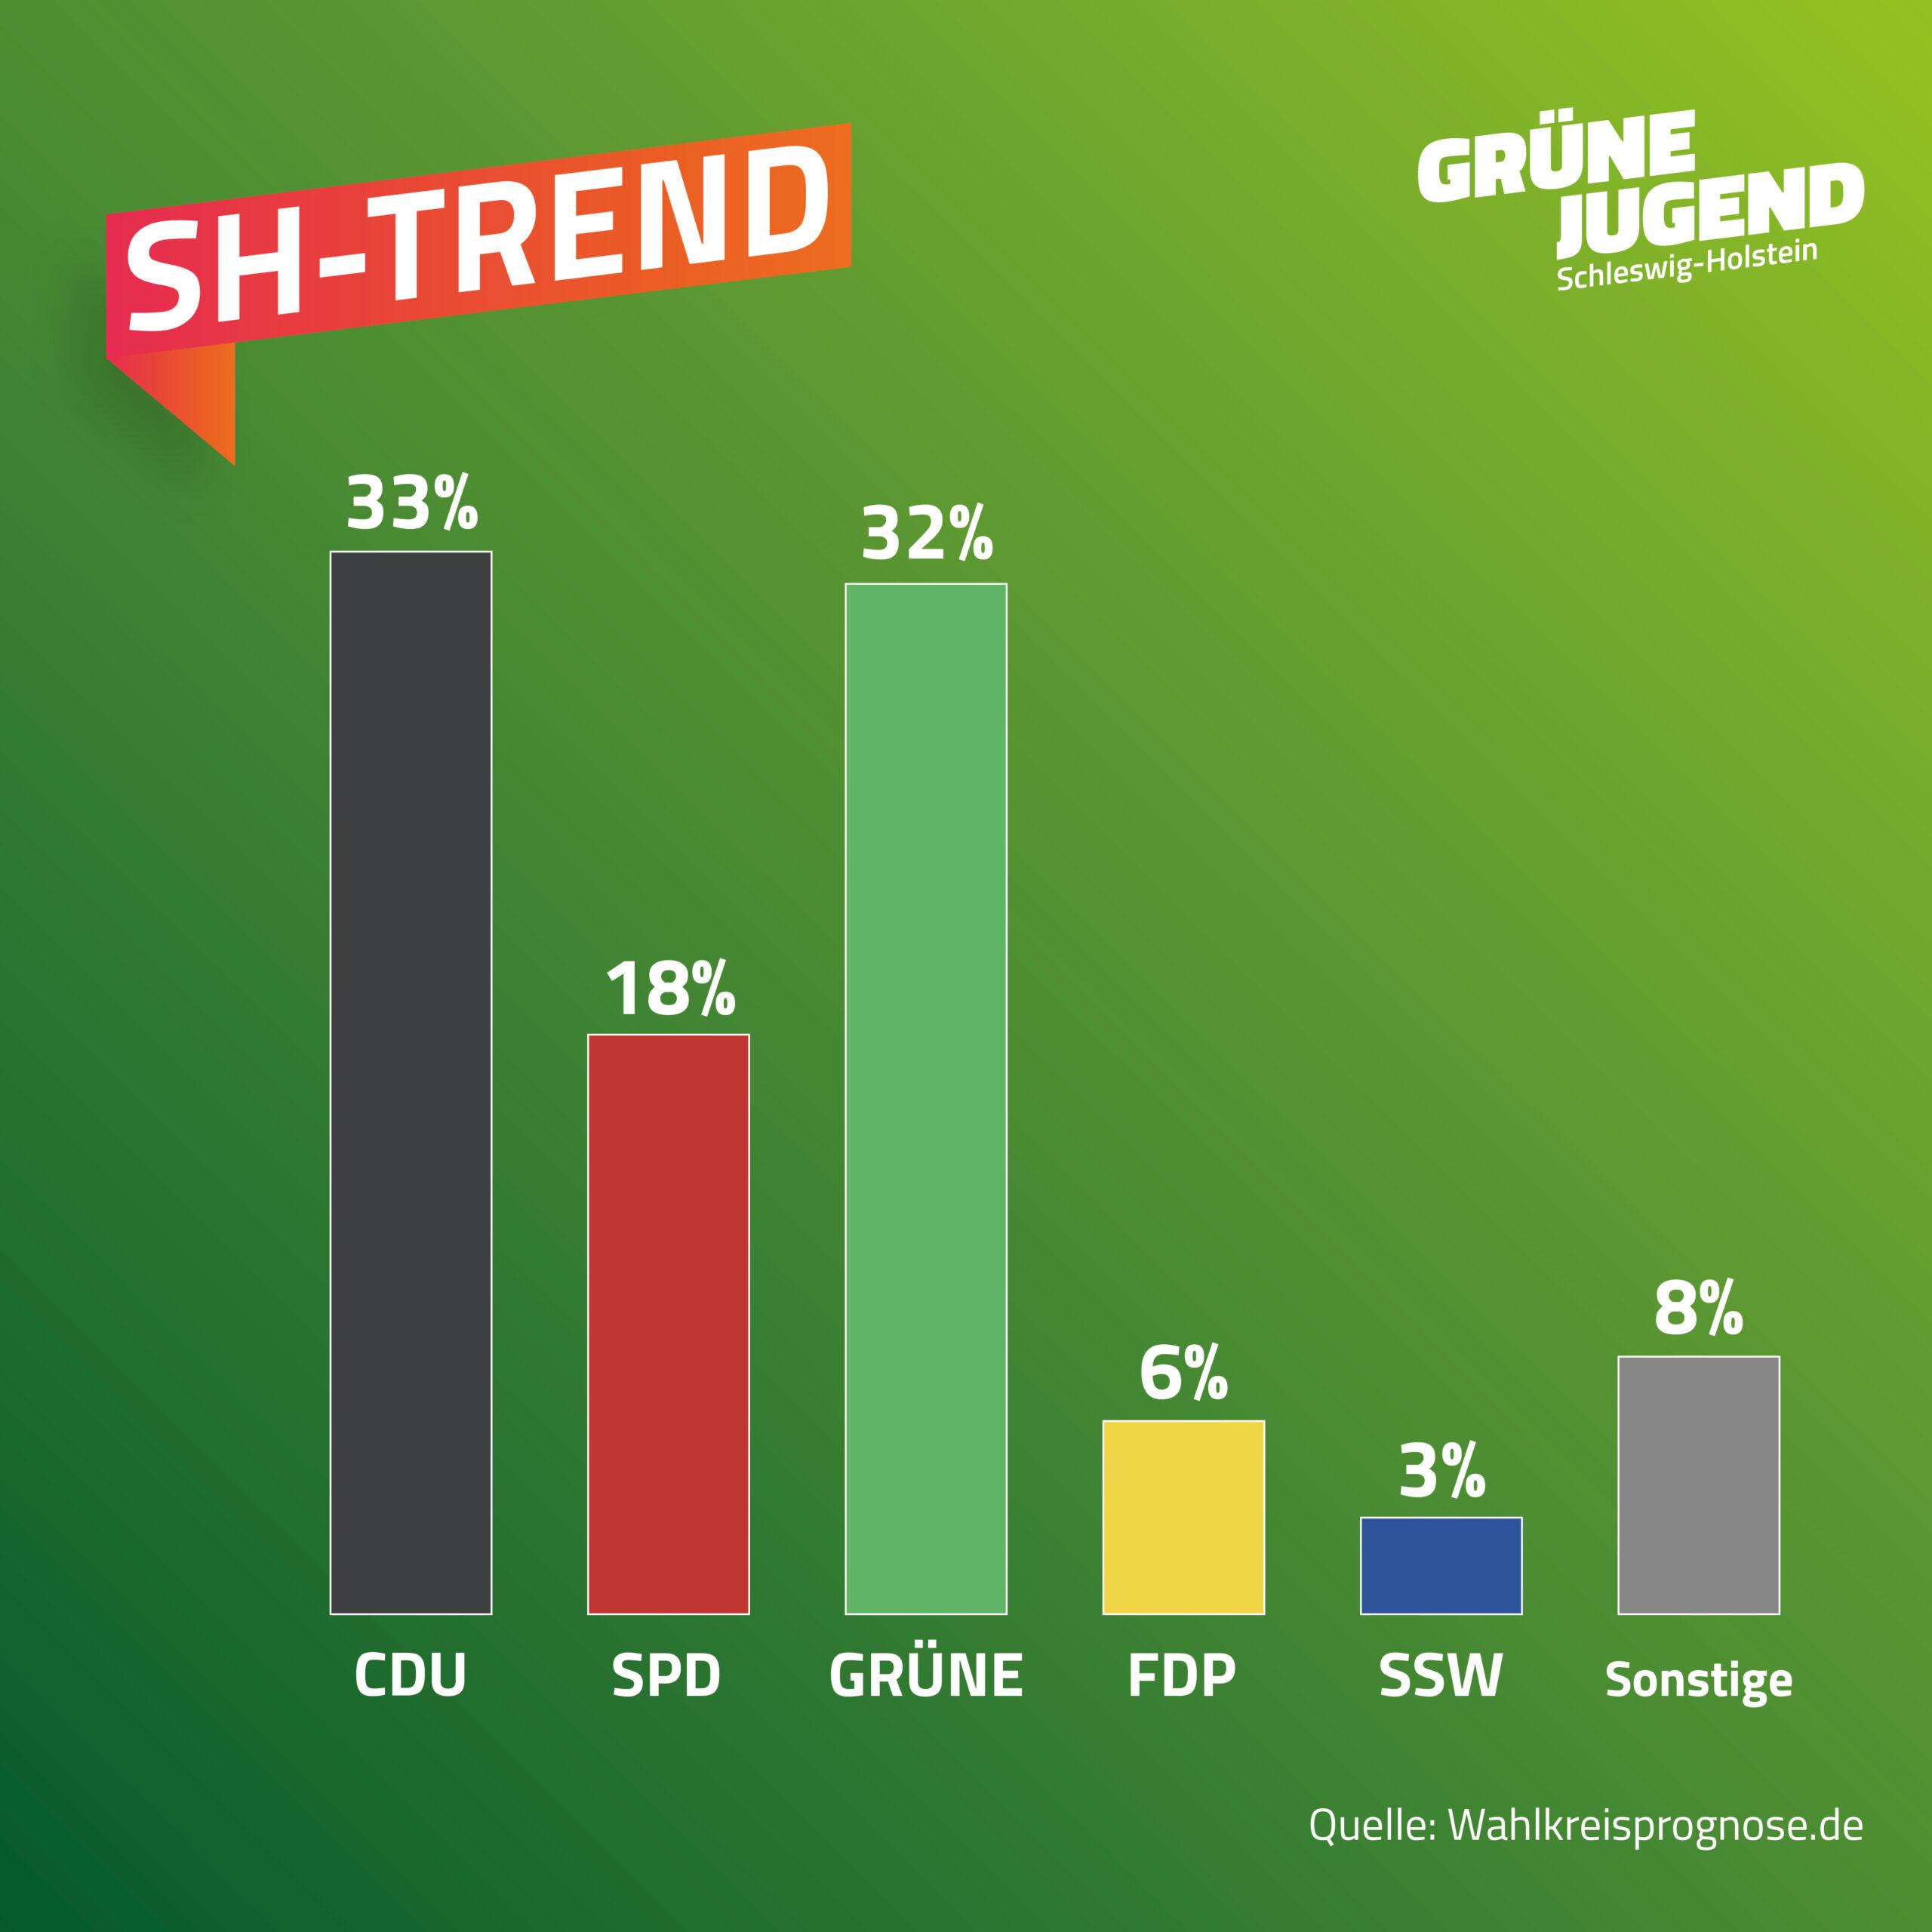 SH-Trend Umfrage. CDU 33%, SPD 18%, GRÜNE 32%, FDP 6%, SSW 3%, Sonstige (AfD, Freie Wähler, Piraten und weitere) 8%